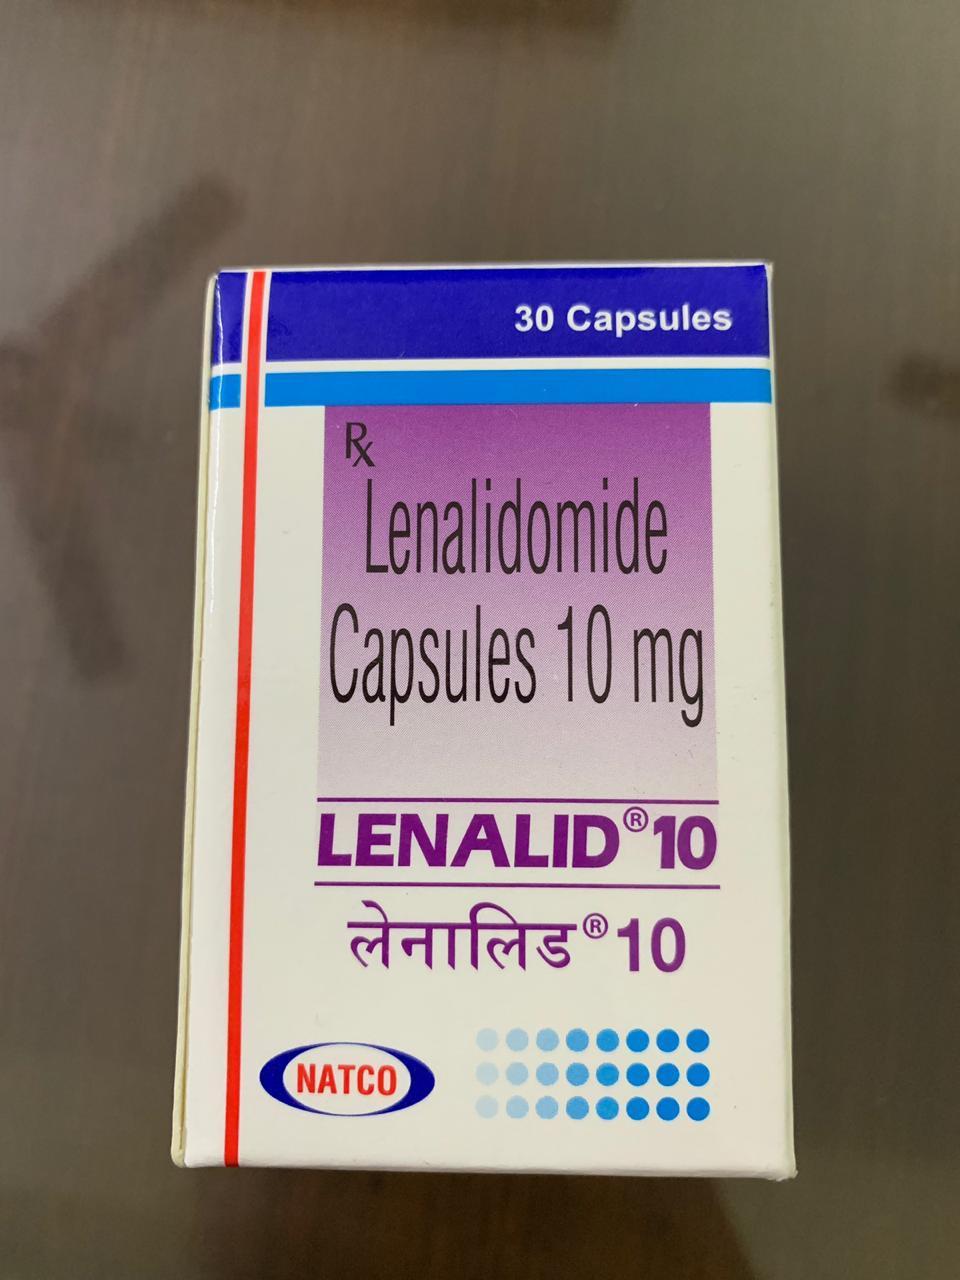 来那度胺(瑞复美)的服用法与医治效果有关联吗?